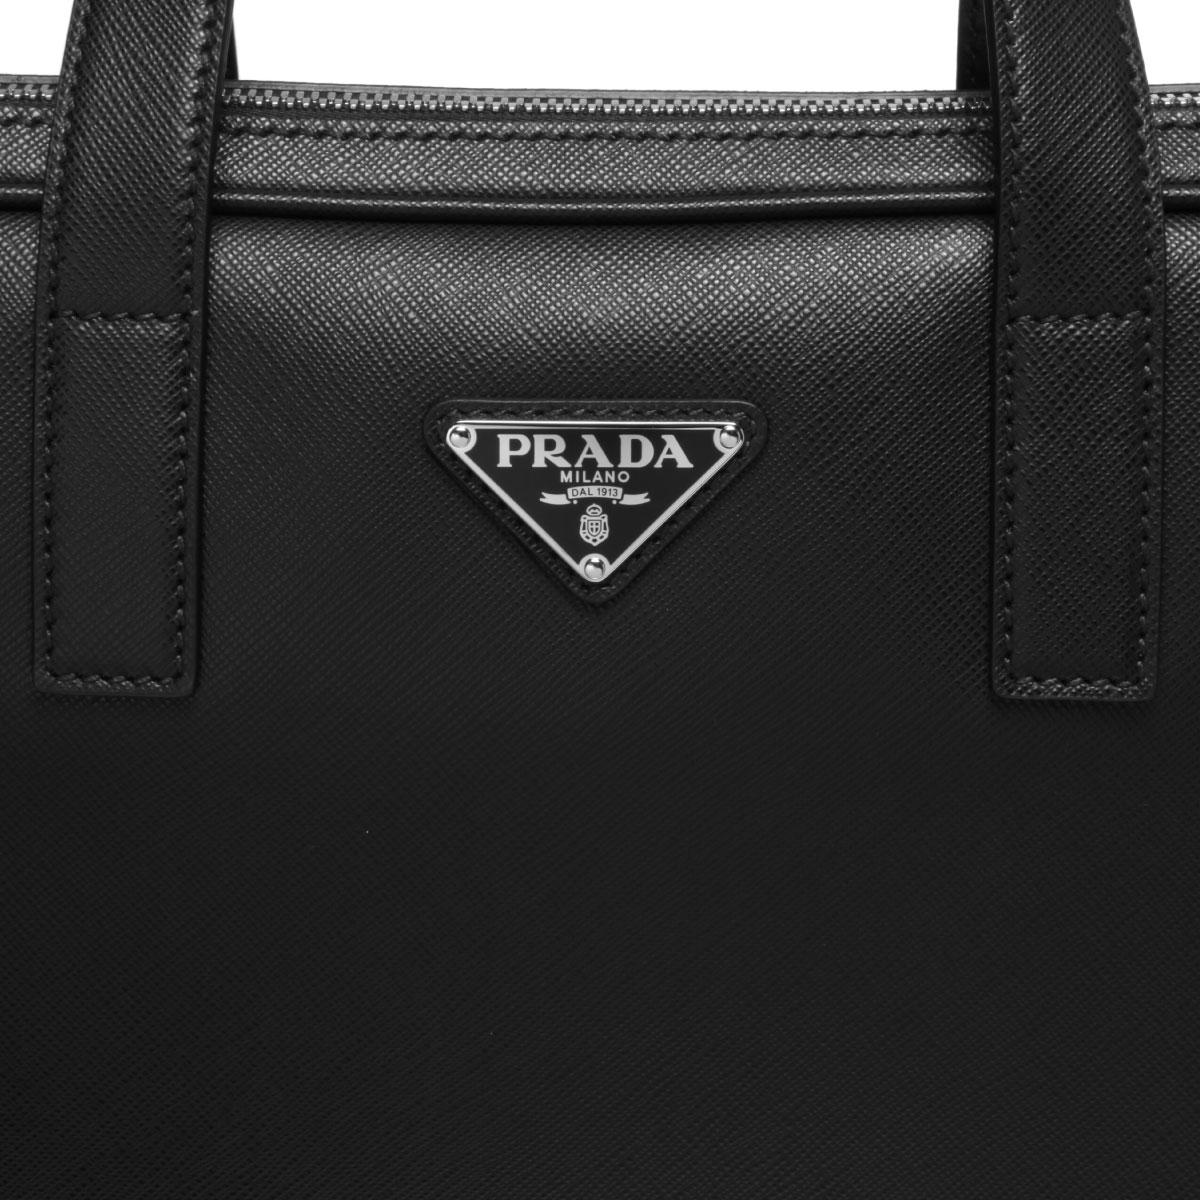 PRADA プラダ | ショルダー付 ブリーフケース